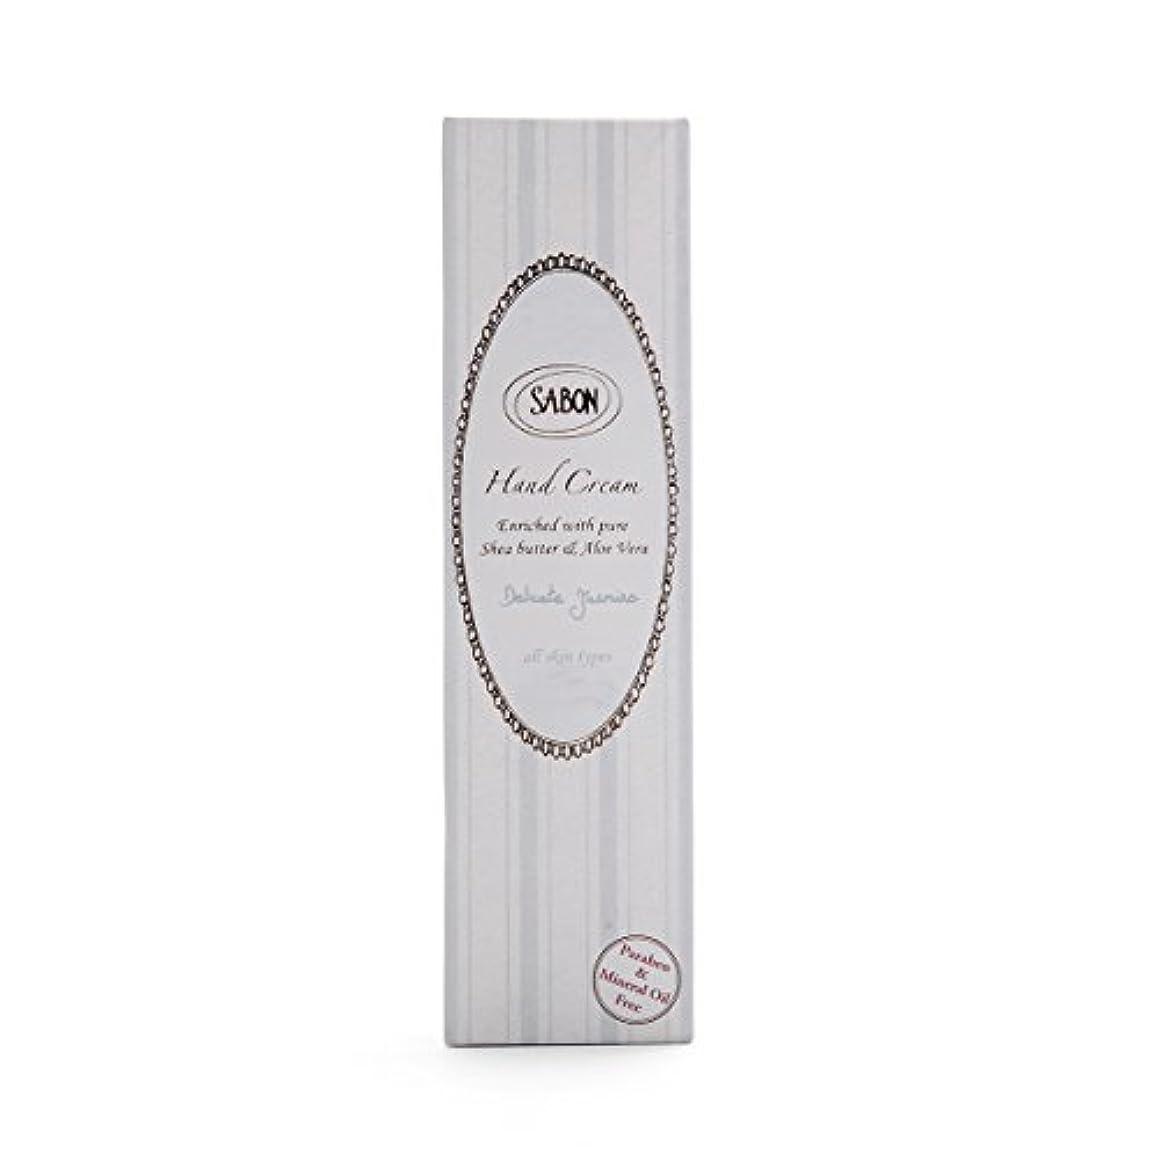 ファブリック錆び酸っぱいSABON(サボン) ハンドクリーム デリケートジャスミン 50ml